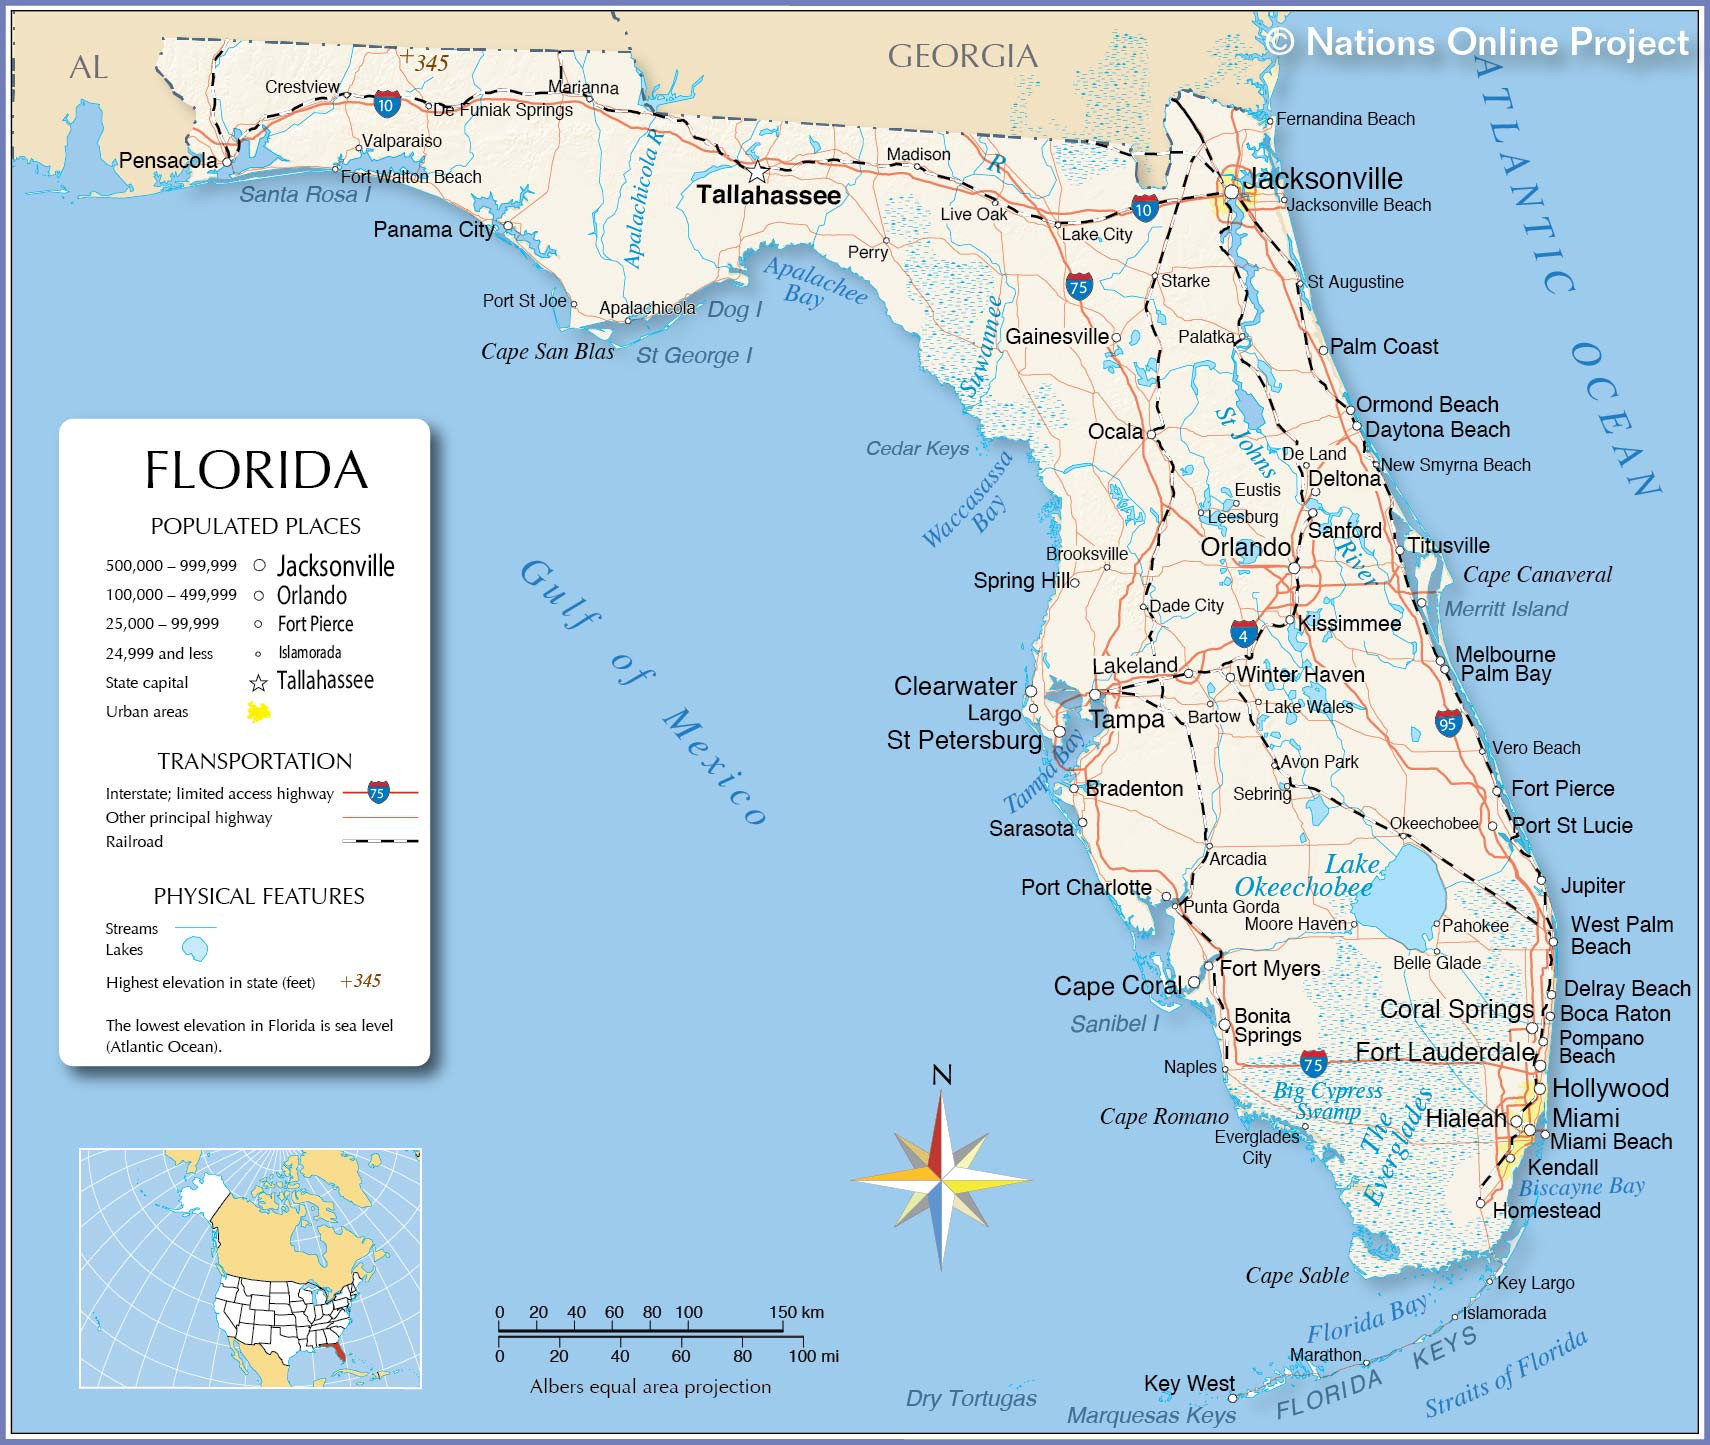 Southern California Map Of Beaches Printable Destin Florida Map - Denton Florida Map